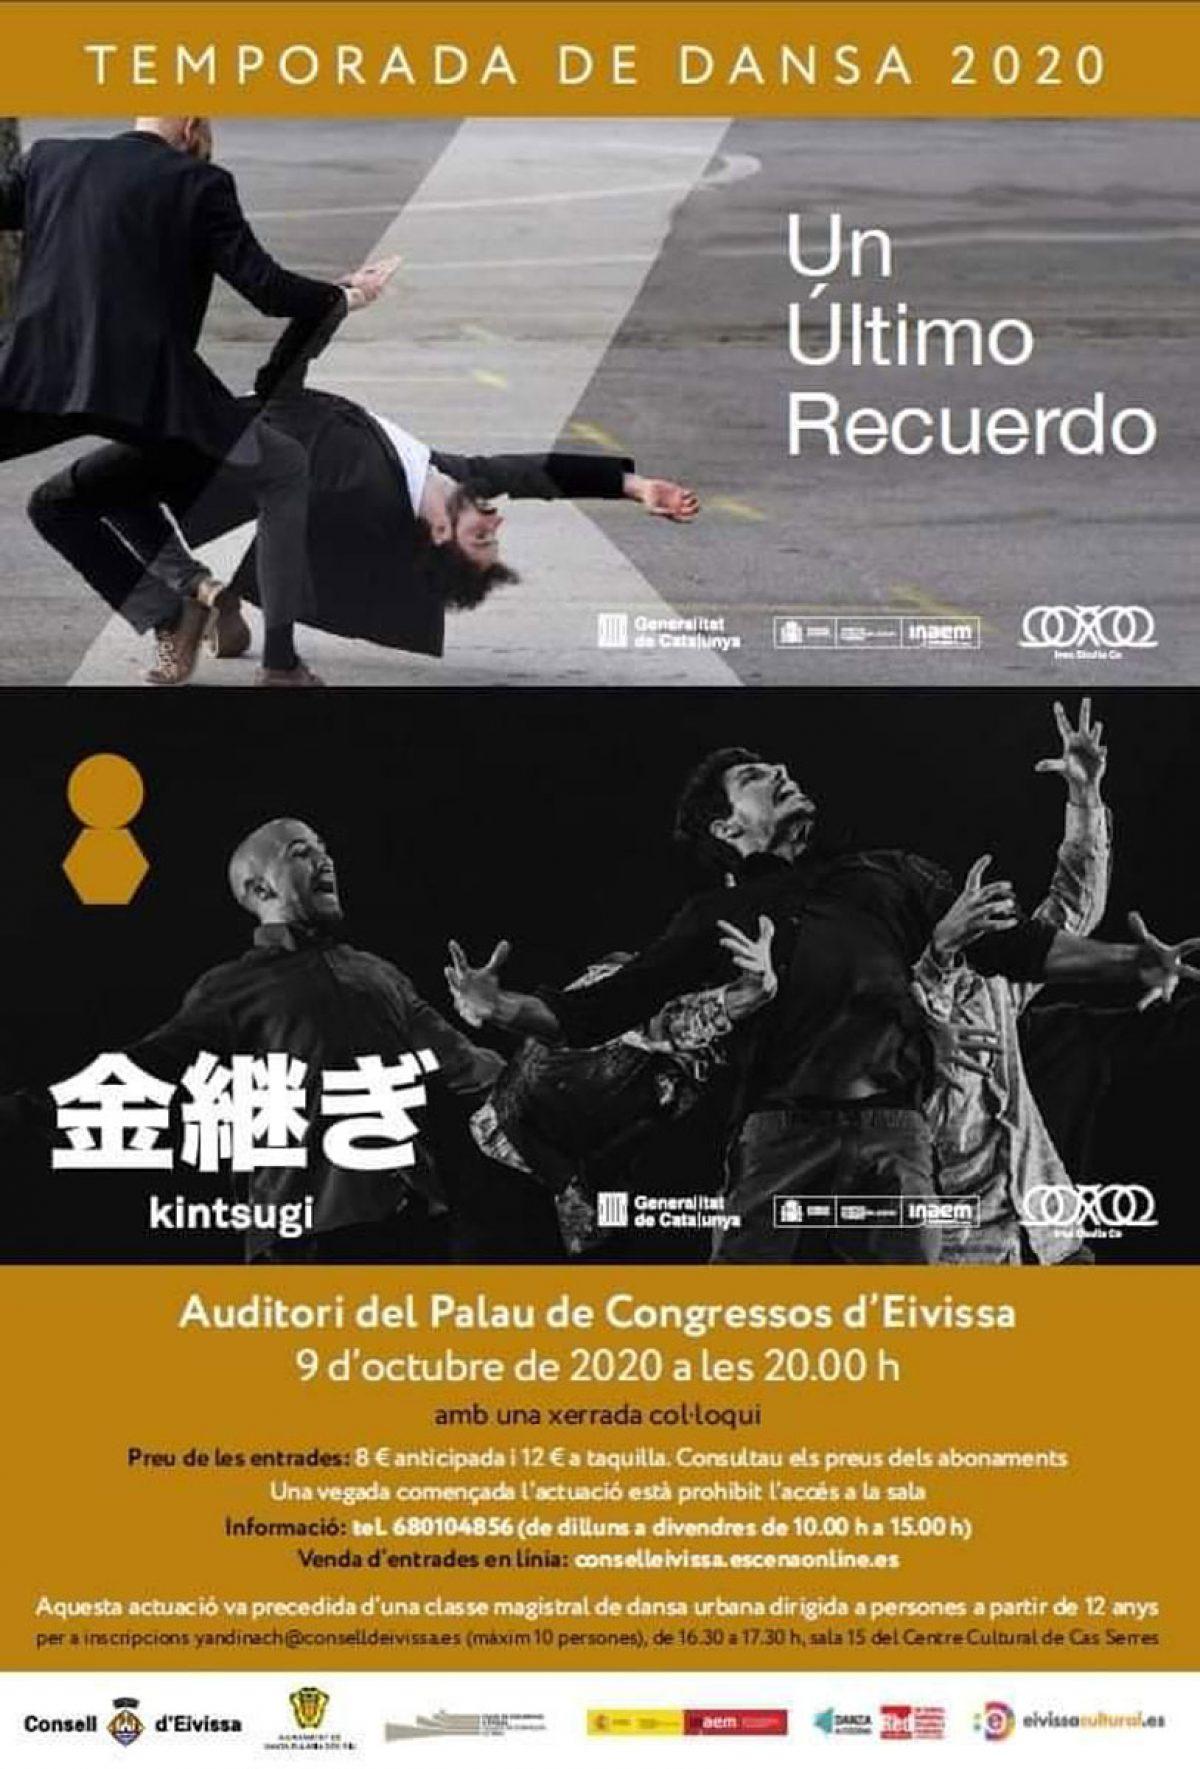 a-last-memory-kintsugi-tanzsaison-ibiza-2020-palast der kongresse-welcometoibiza